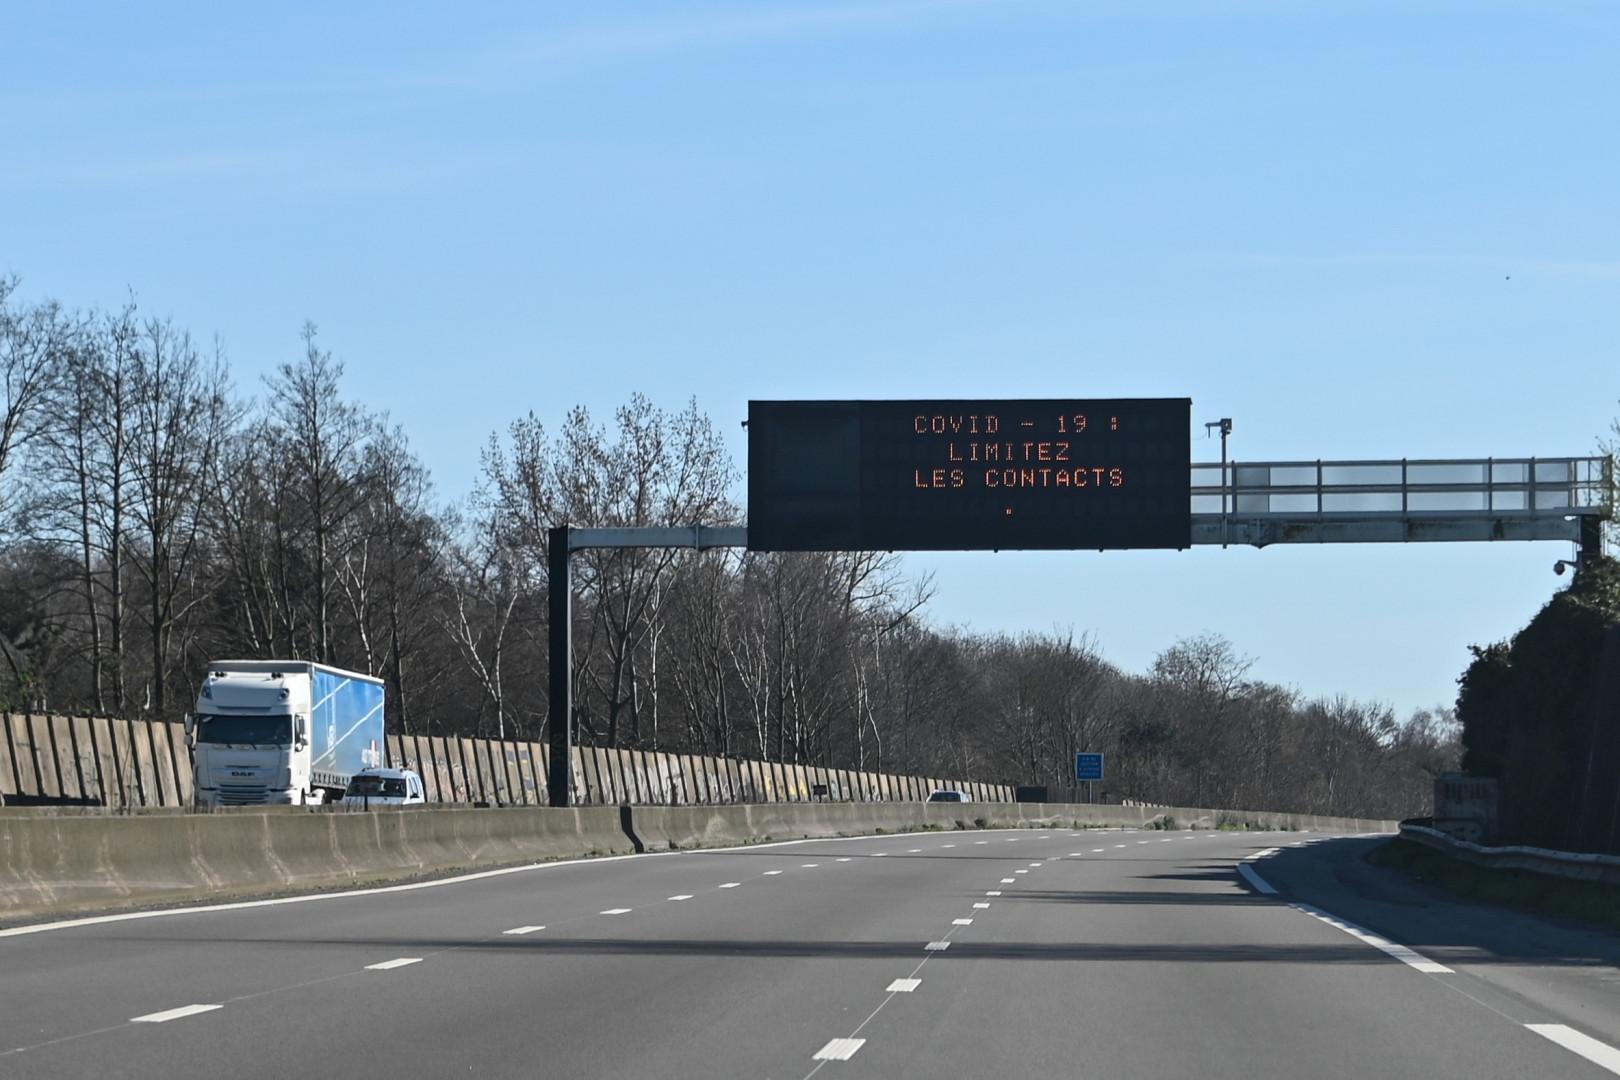 Une autoroute près de Lille, le 18 mars